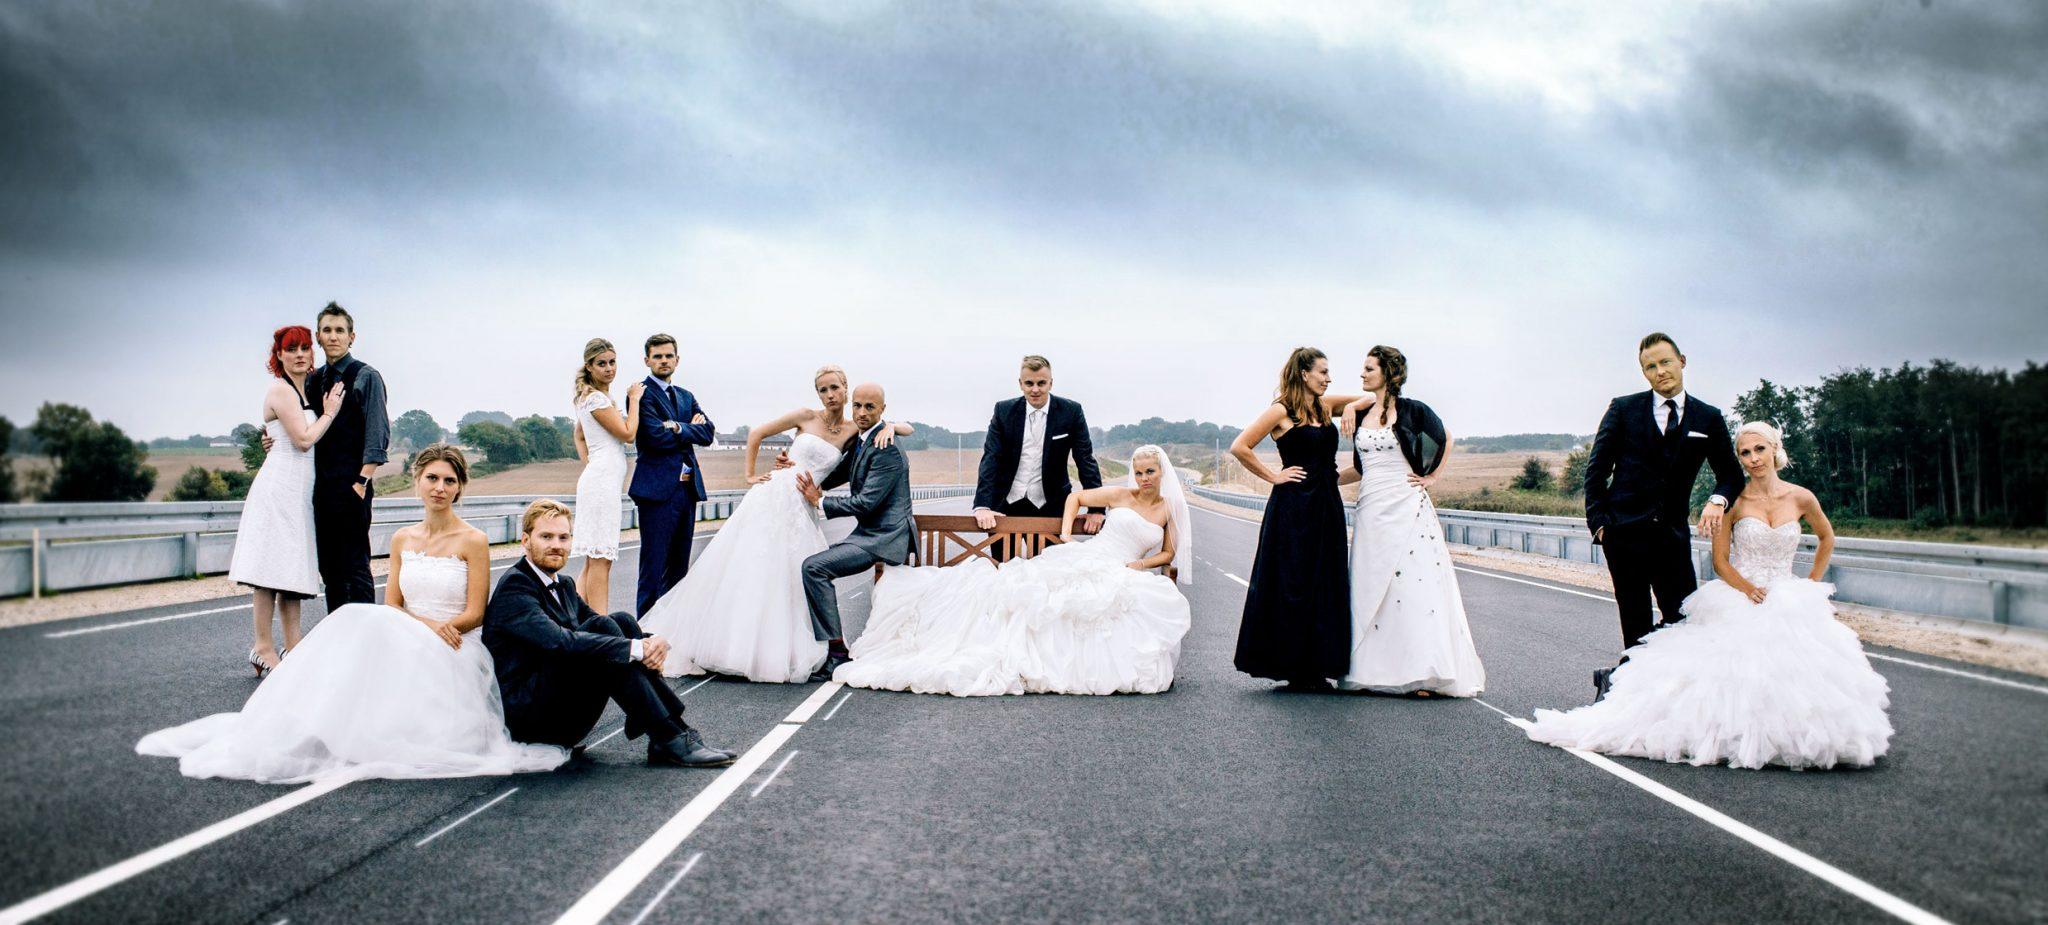 7 weddings